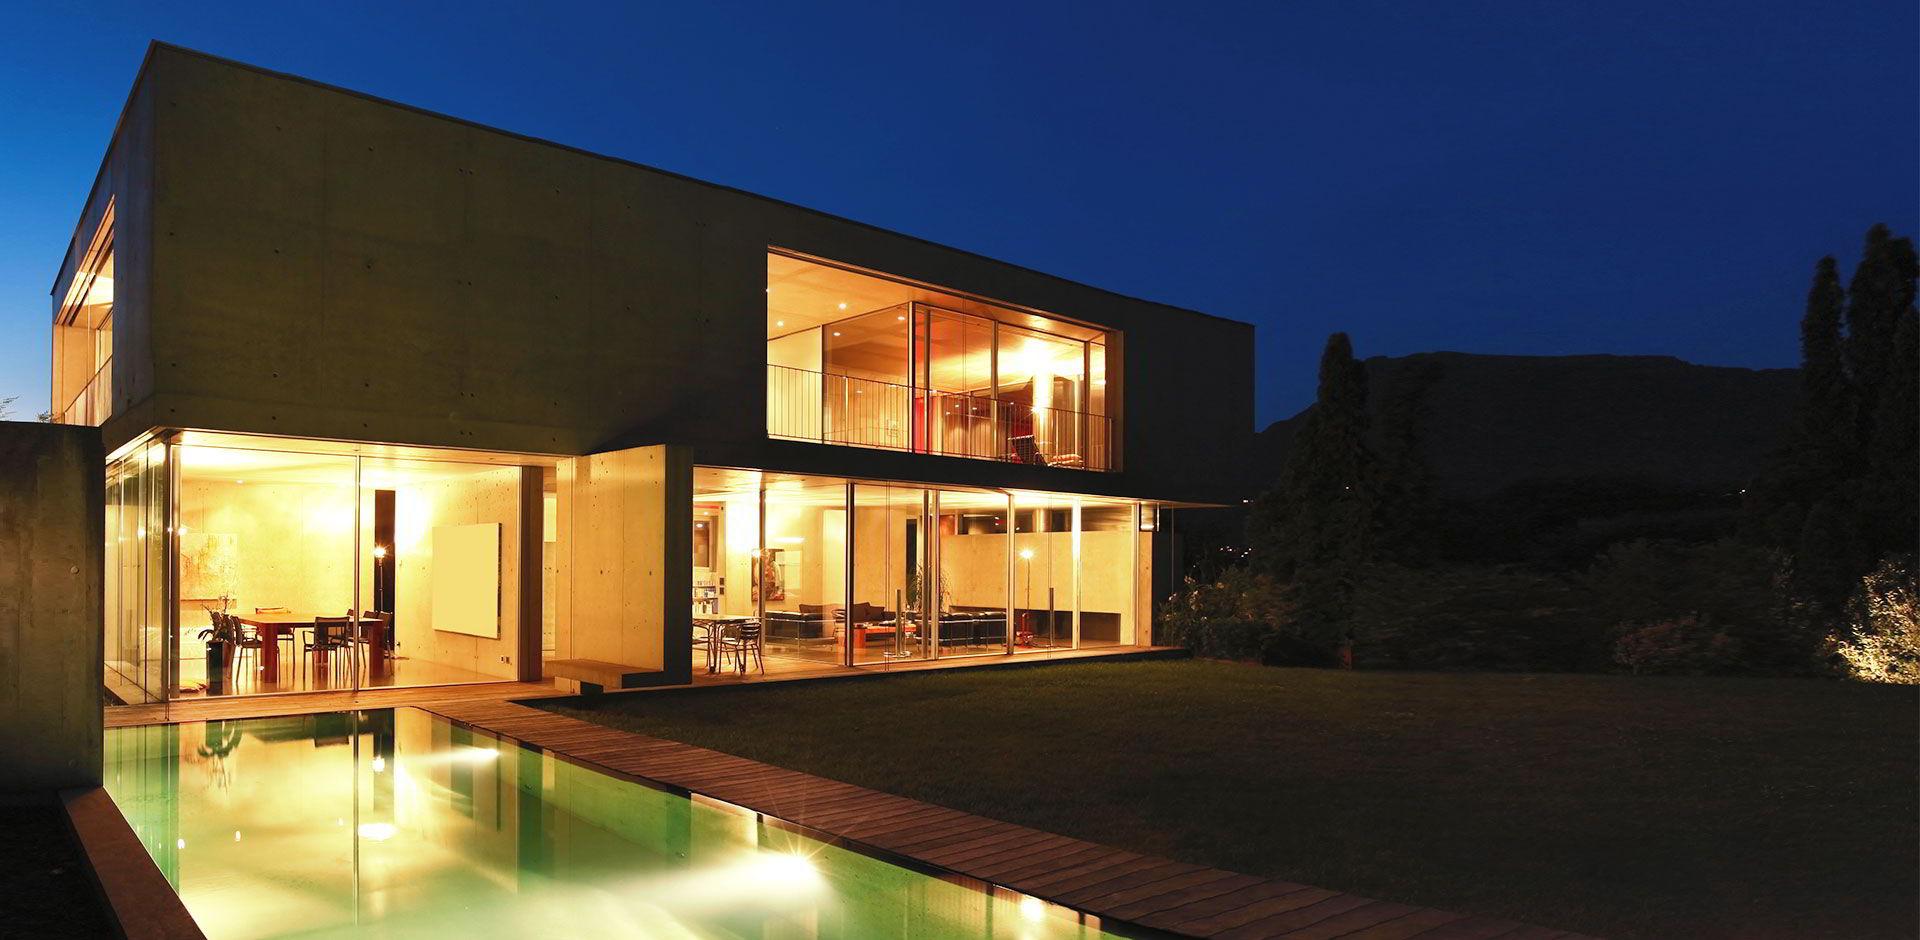 Maison d'architecte éclairée avec piscine